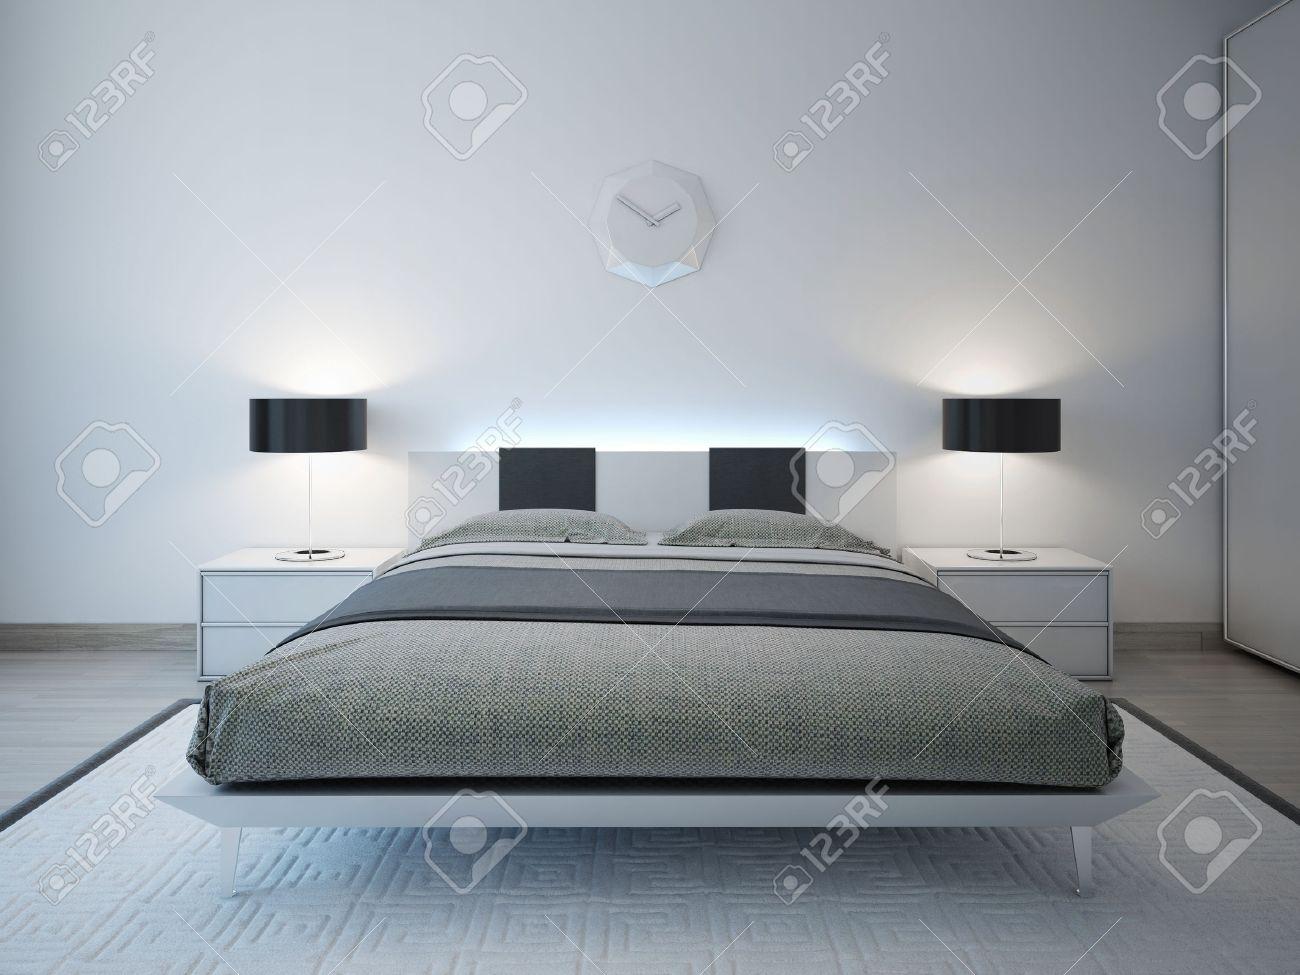 camera da letto moderna con mobili di illuminazione avanzata. 3d ... - Mobili Camera Da Letto Moderna